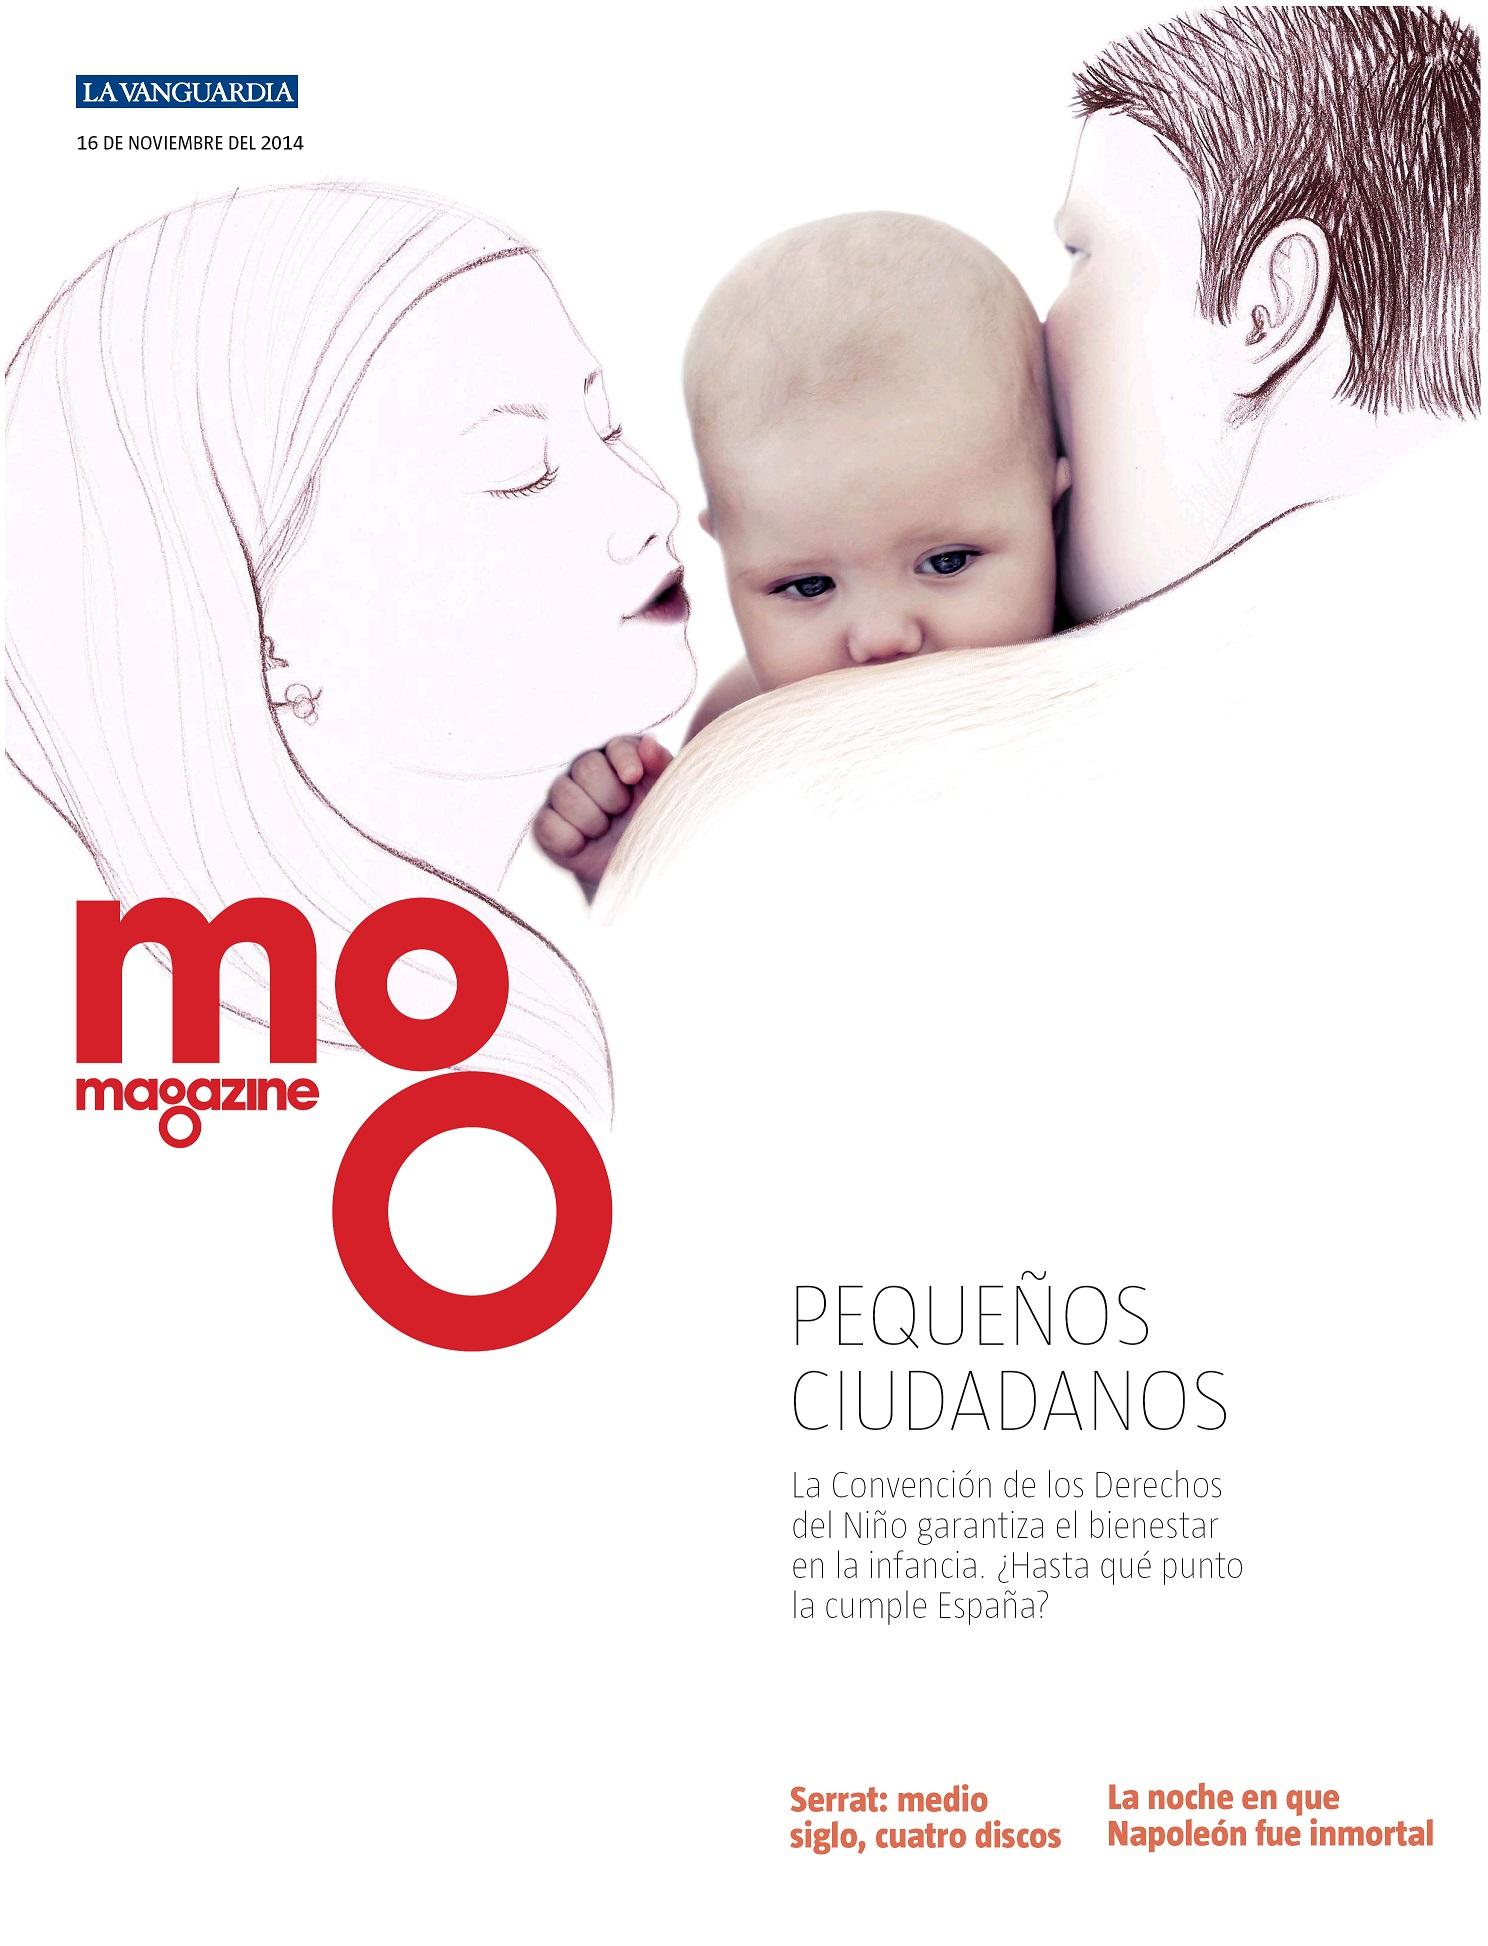 MEGAZINE portada 16 de Noviembre 2014